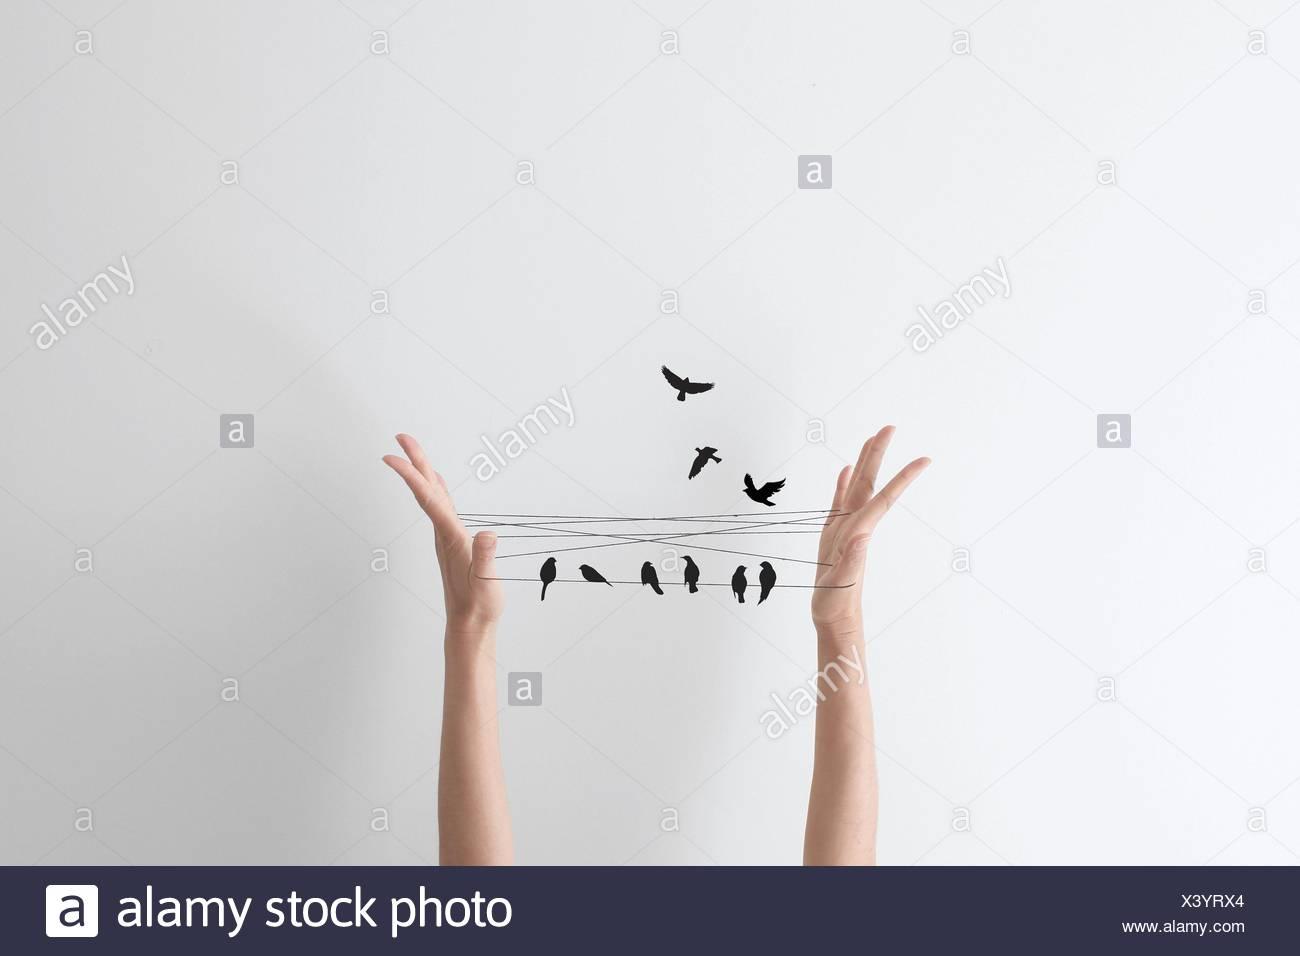 Juego de mano de cadena con aves, encaramado en la cadena Imagen De Stock